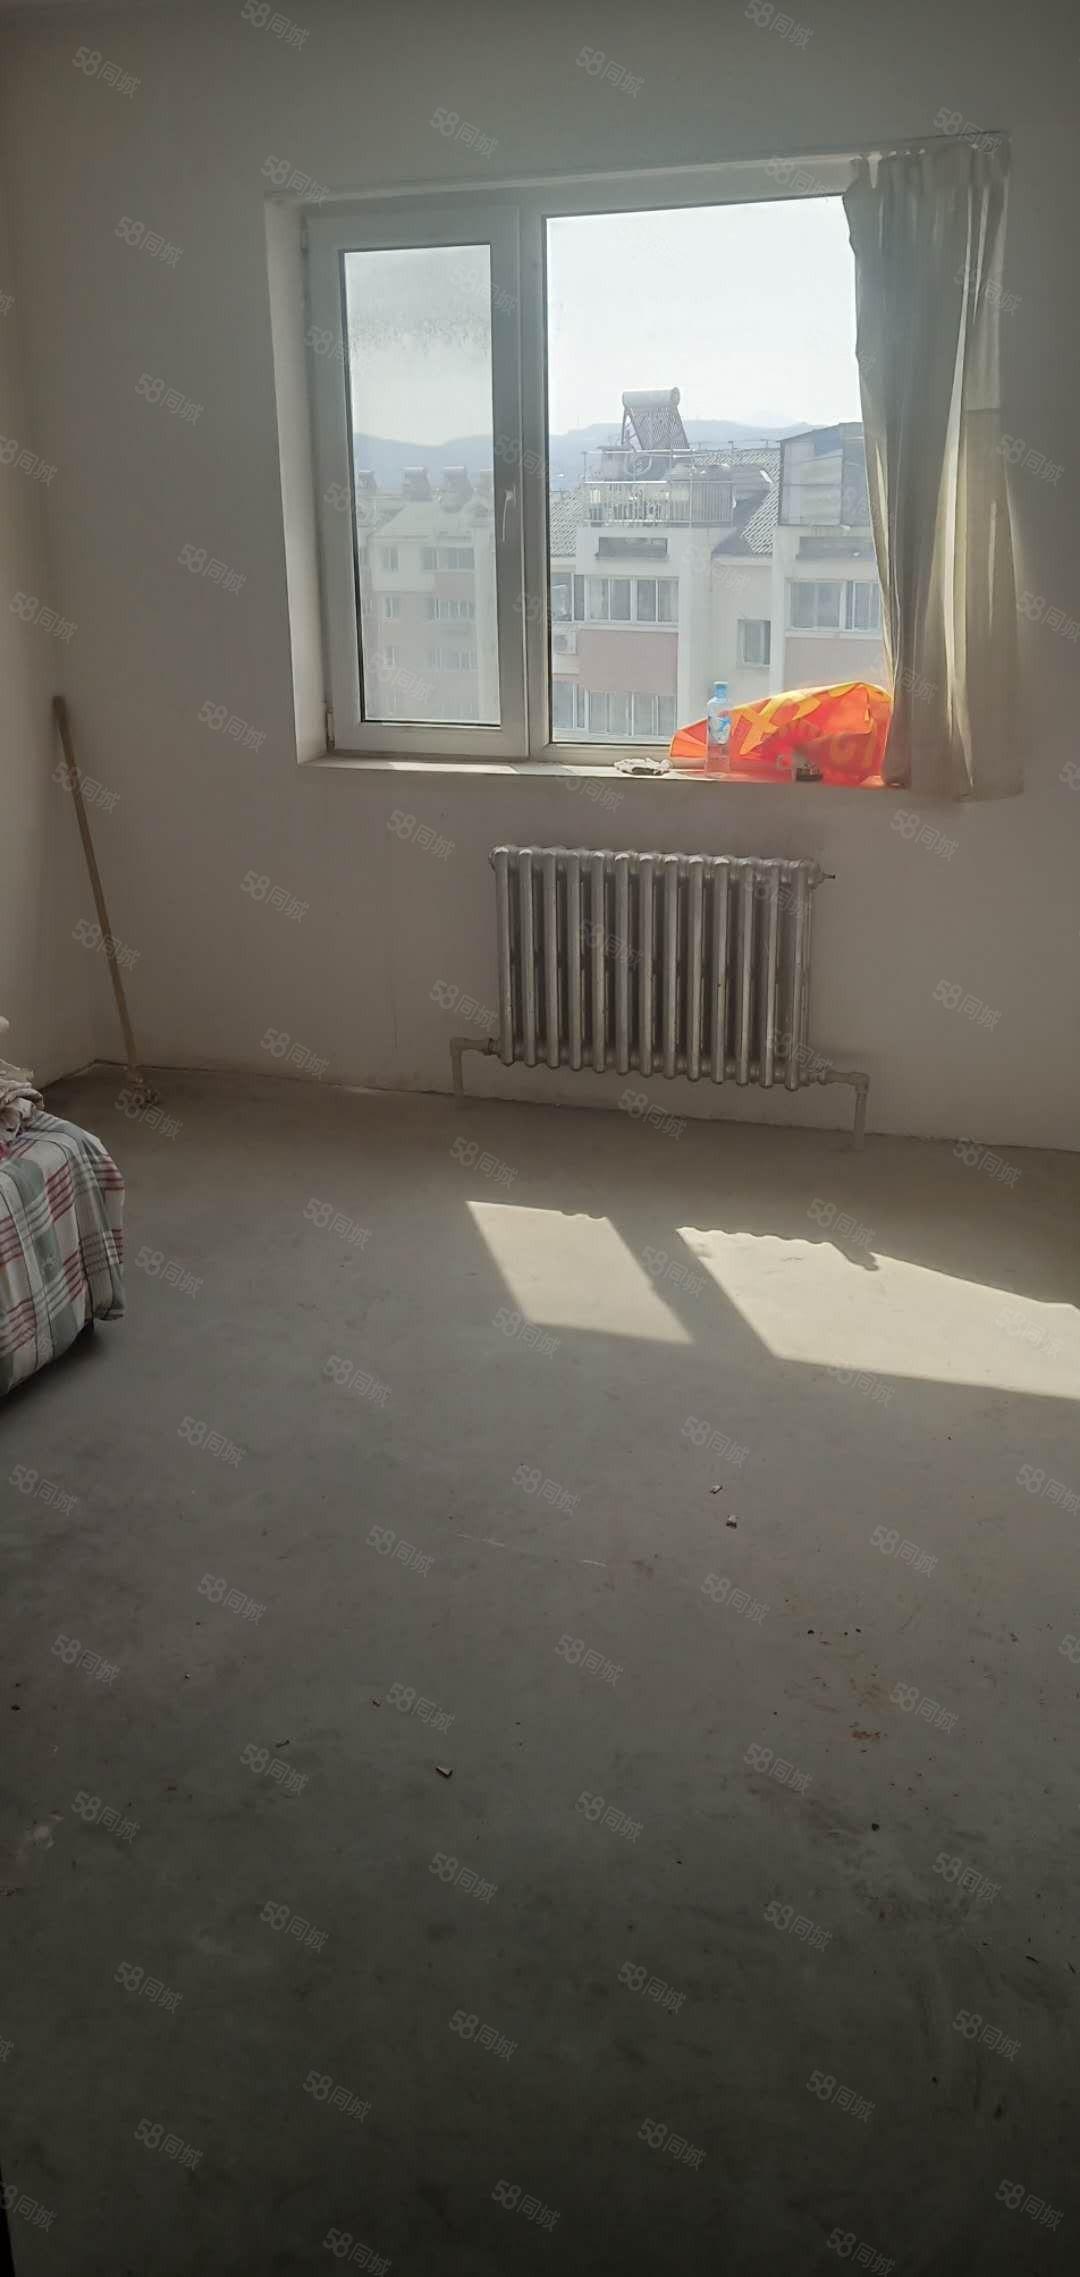 517不动产售龙泽B区急卖清水房价格可议低首付